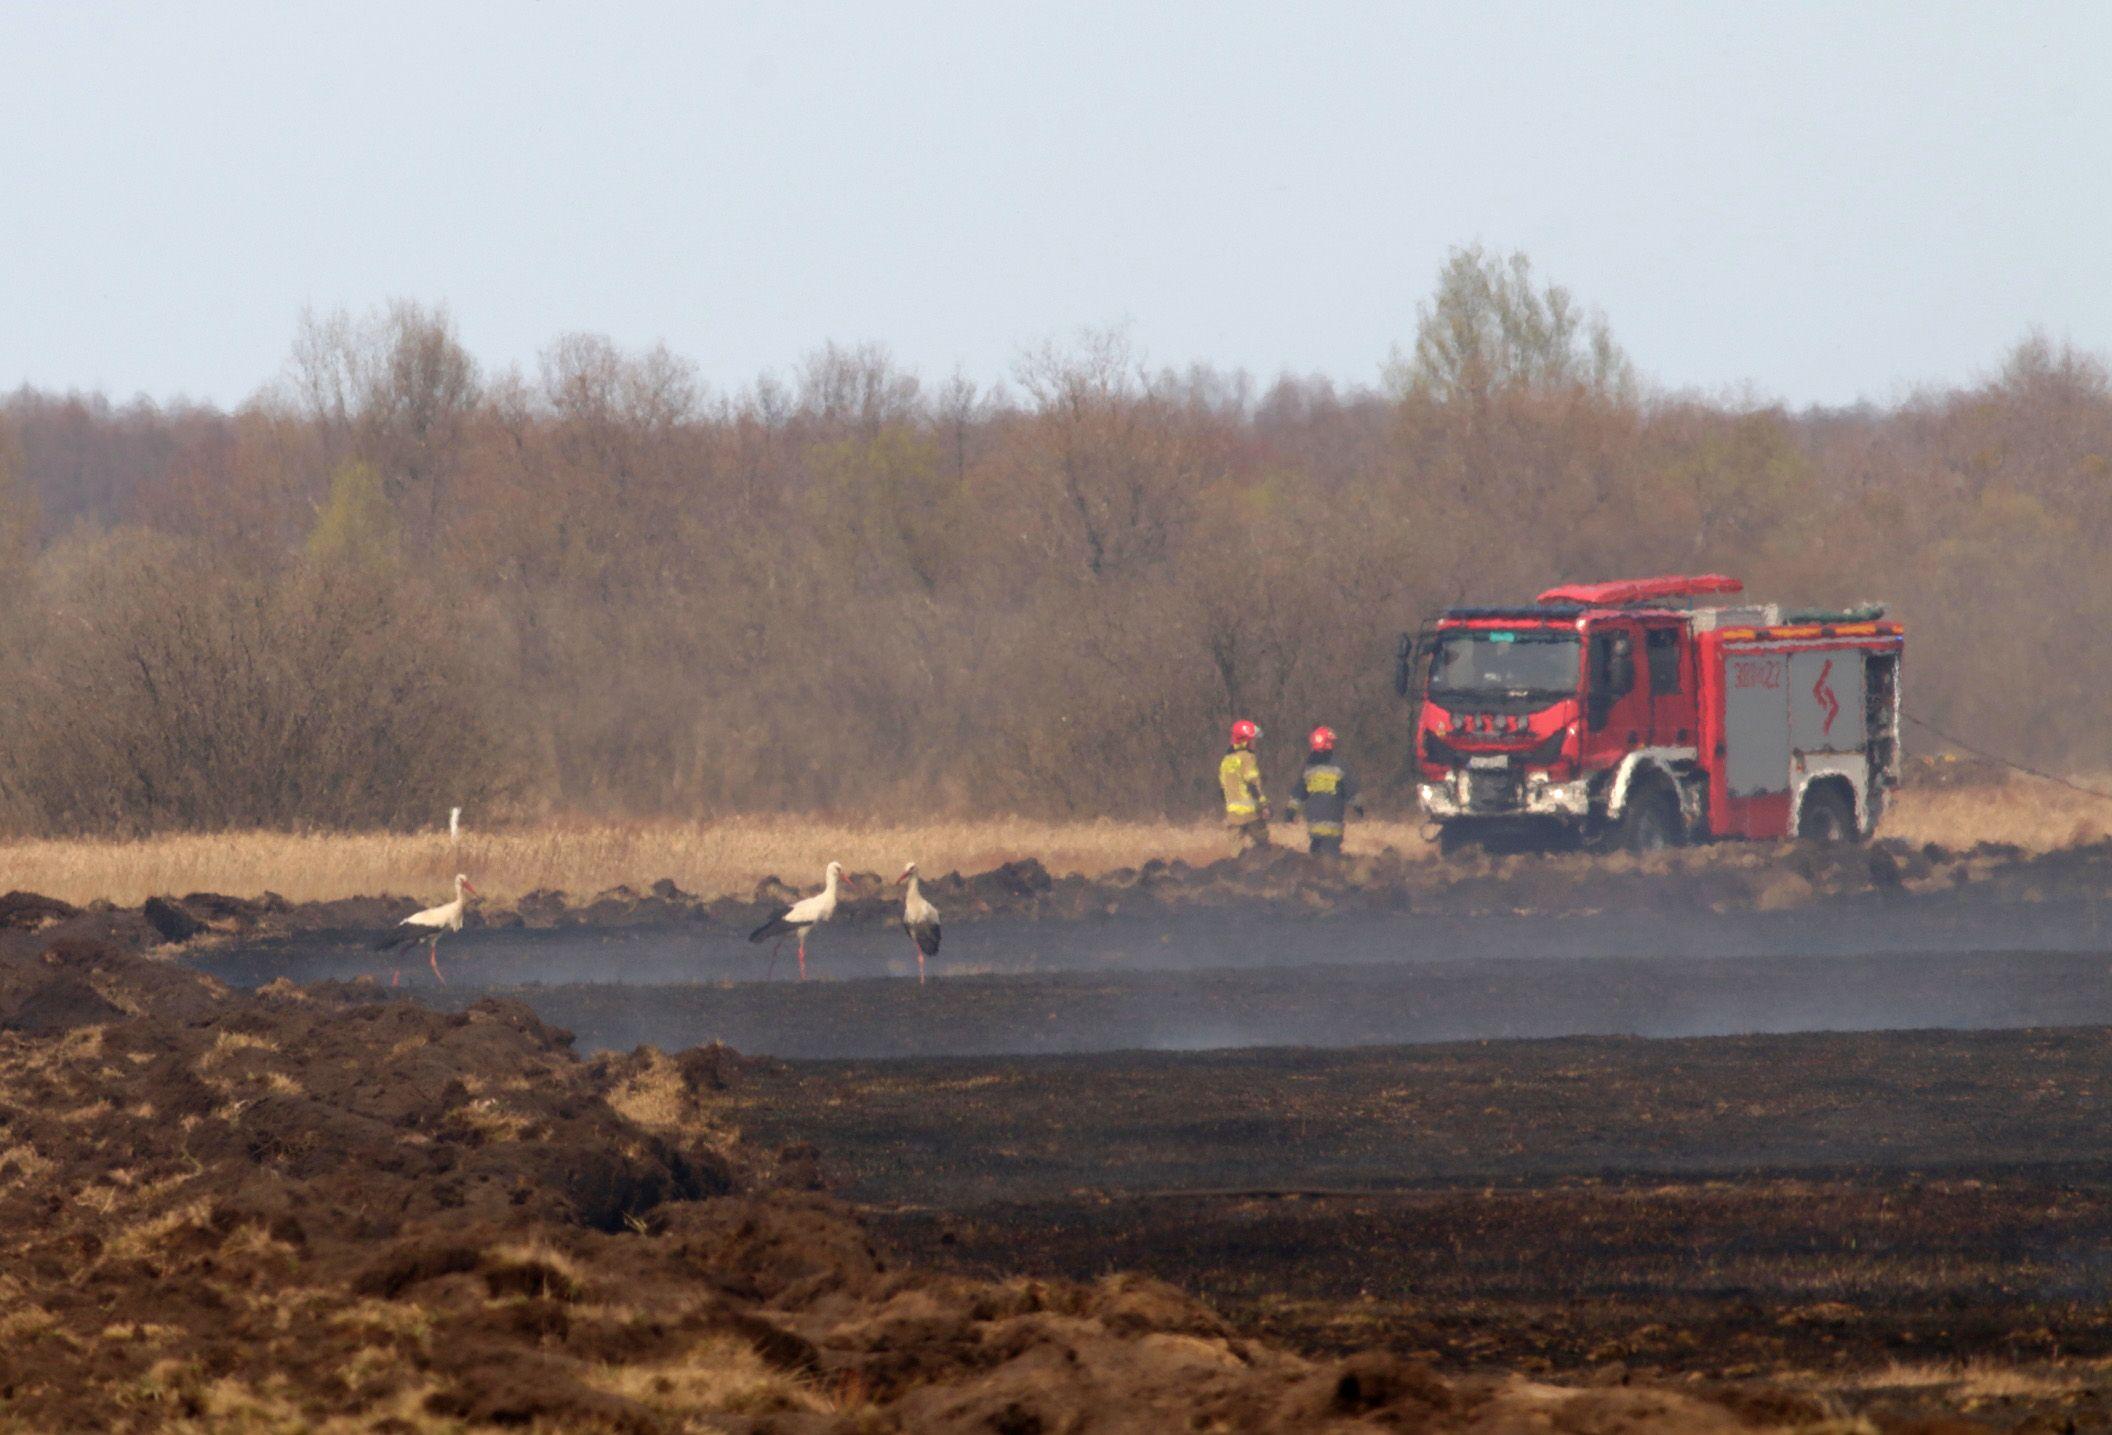 Fot. Piotr Tałałaj, Biebrzański Park Narodowy